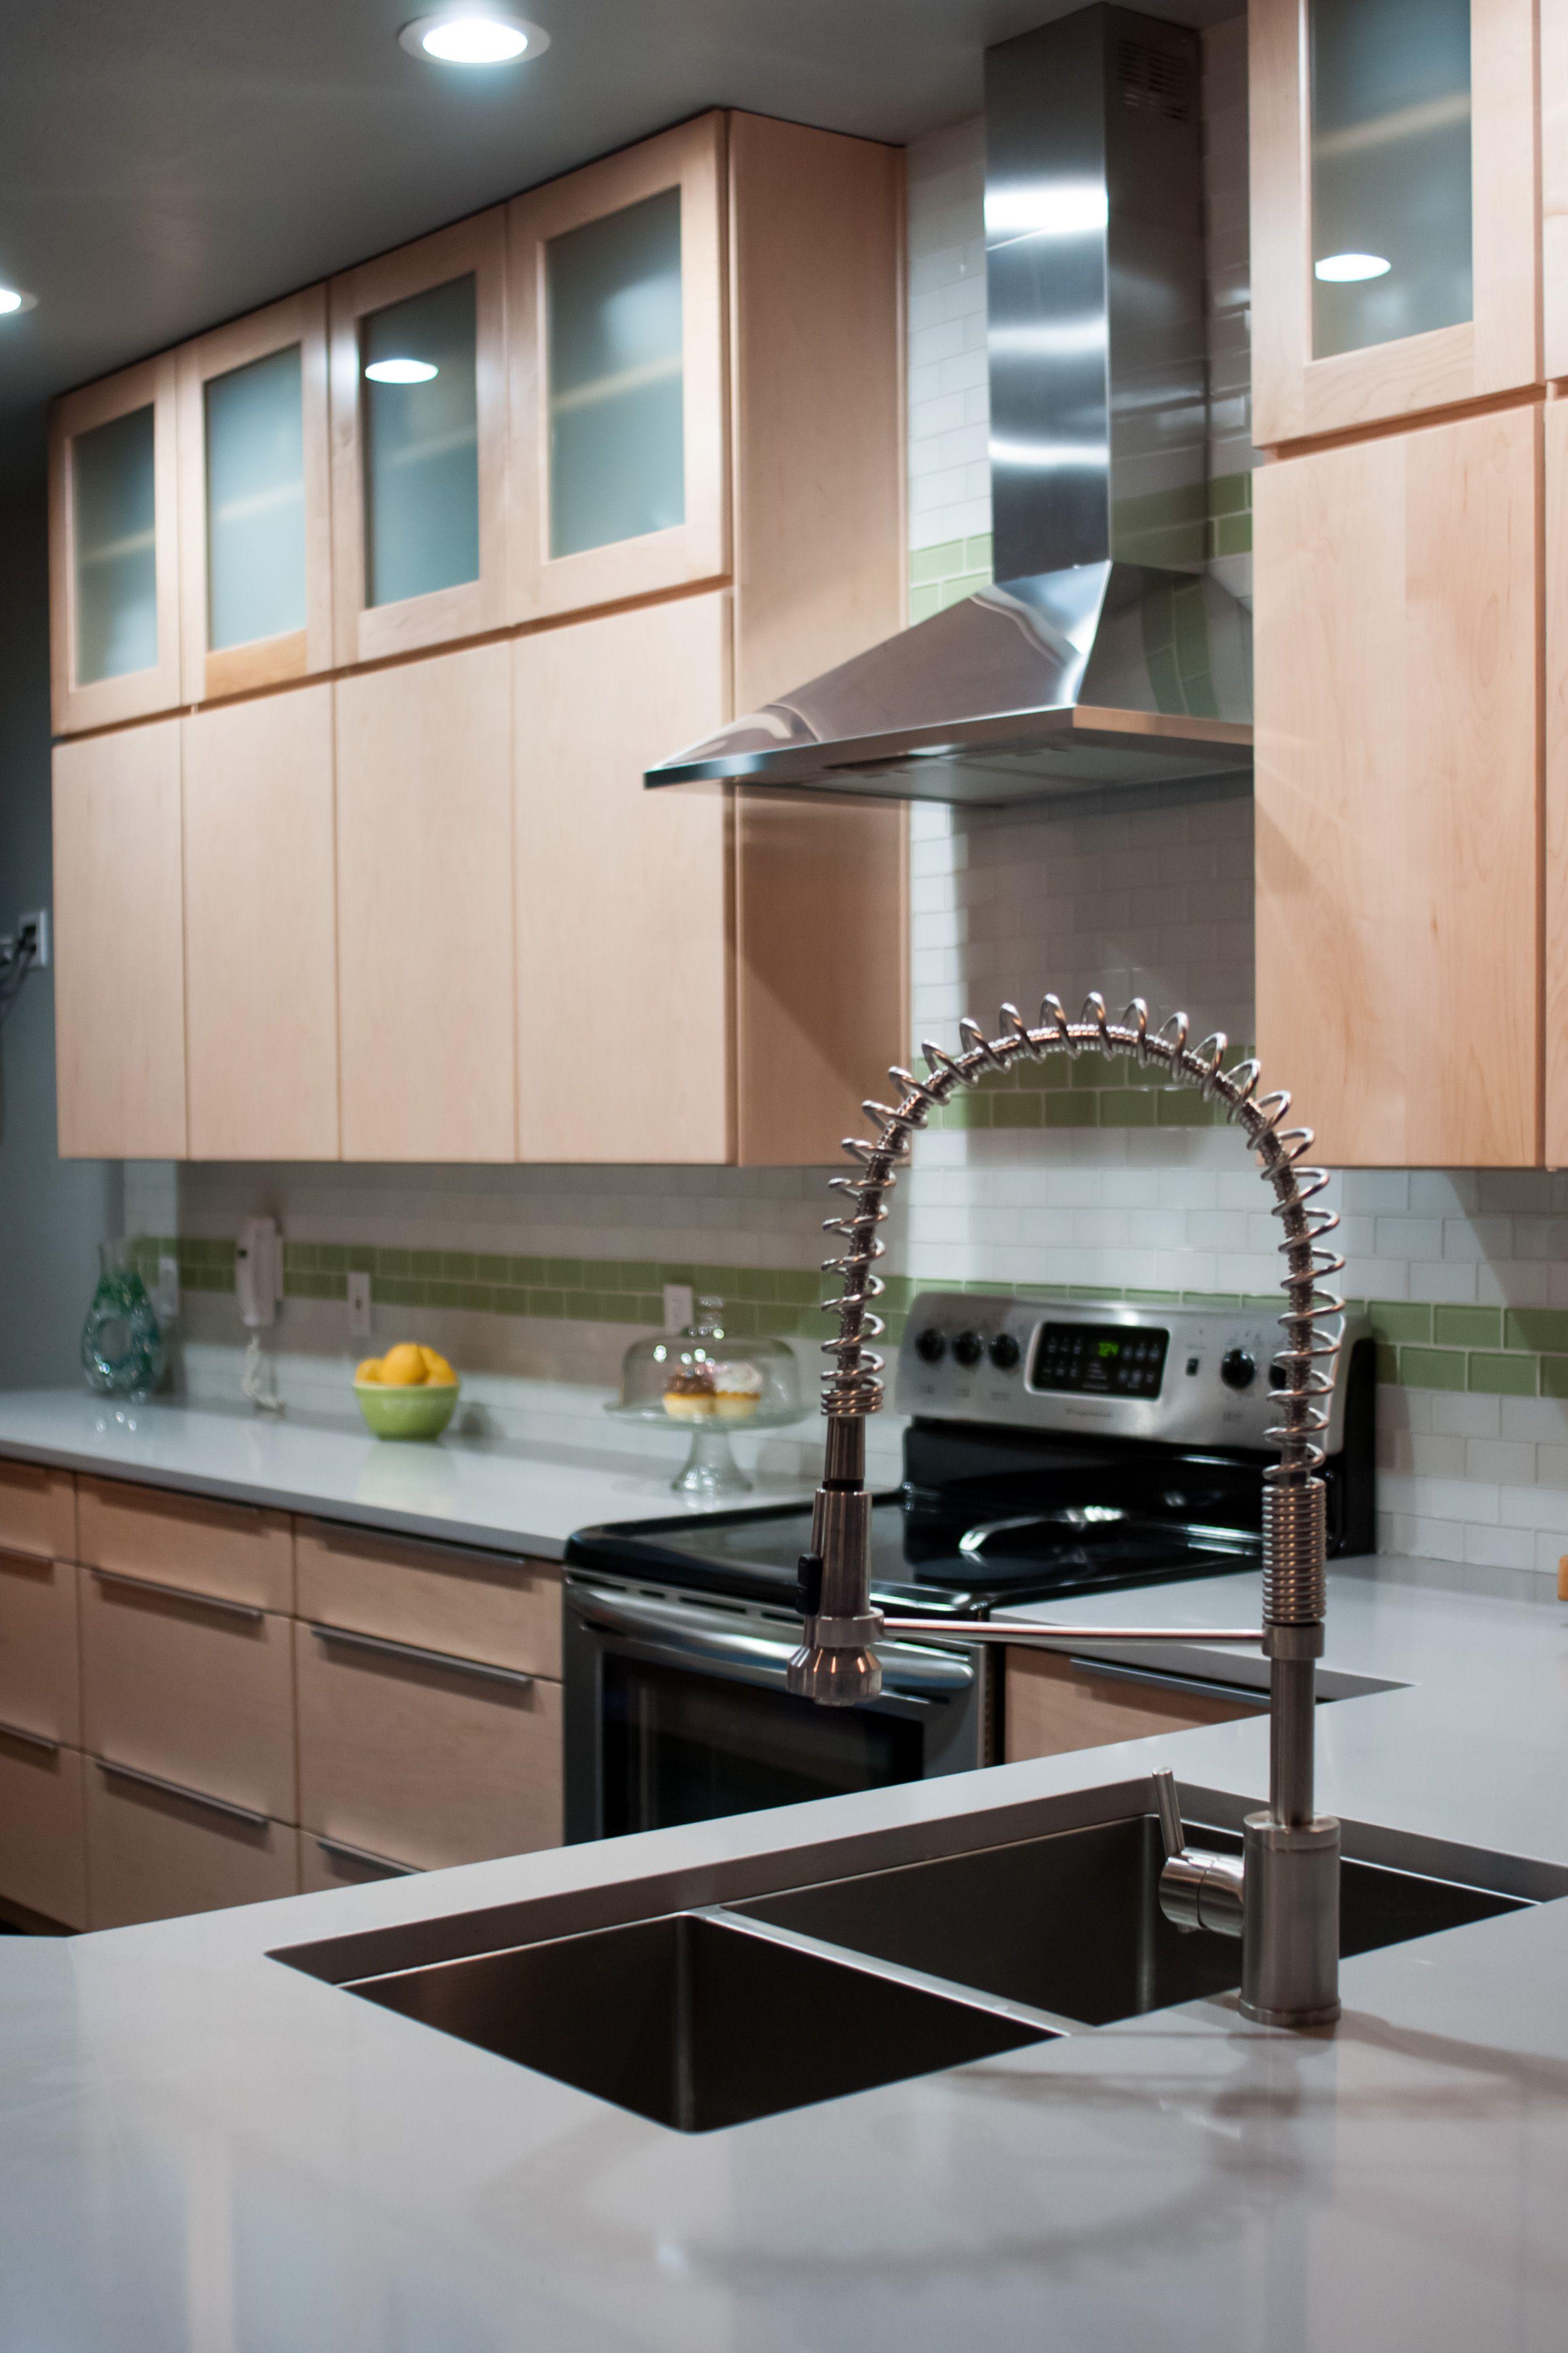 Full #Gilbert,az Kitchen Remodel. http://www ...